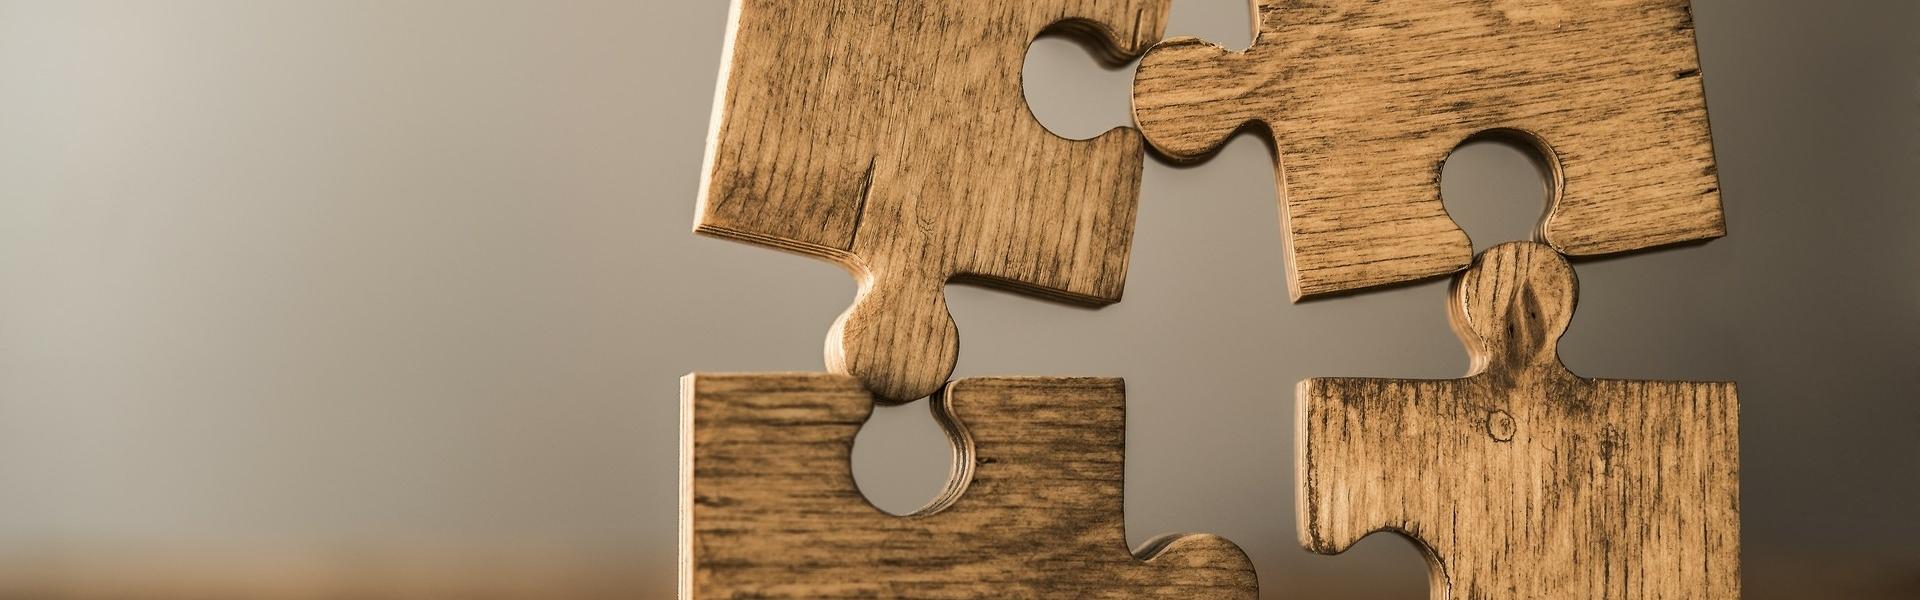 Motivera är inne i en expansiv fas och söker därför nya medarbetare.